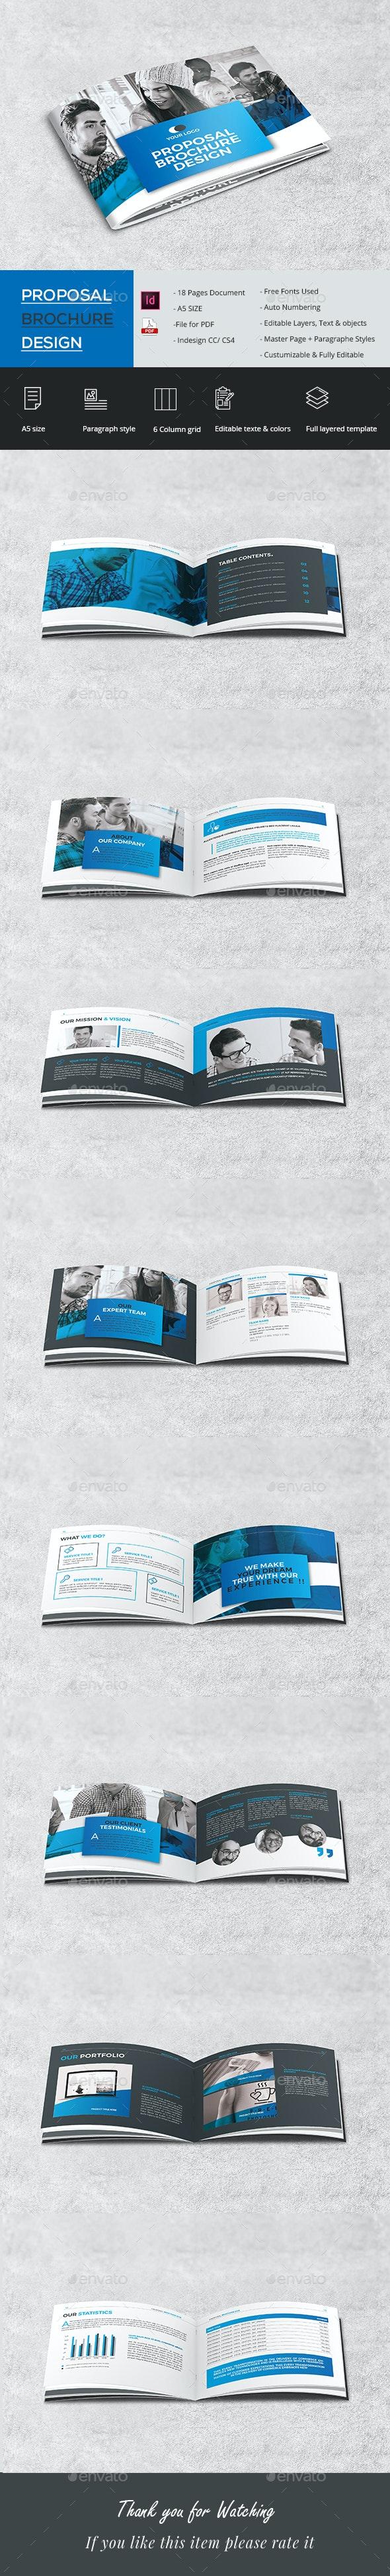 Company Proposal Brochure - Brochures Print Templates